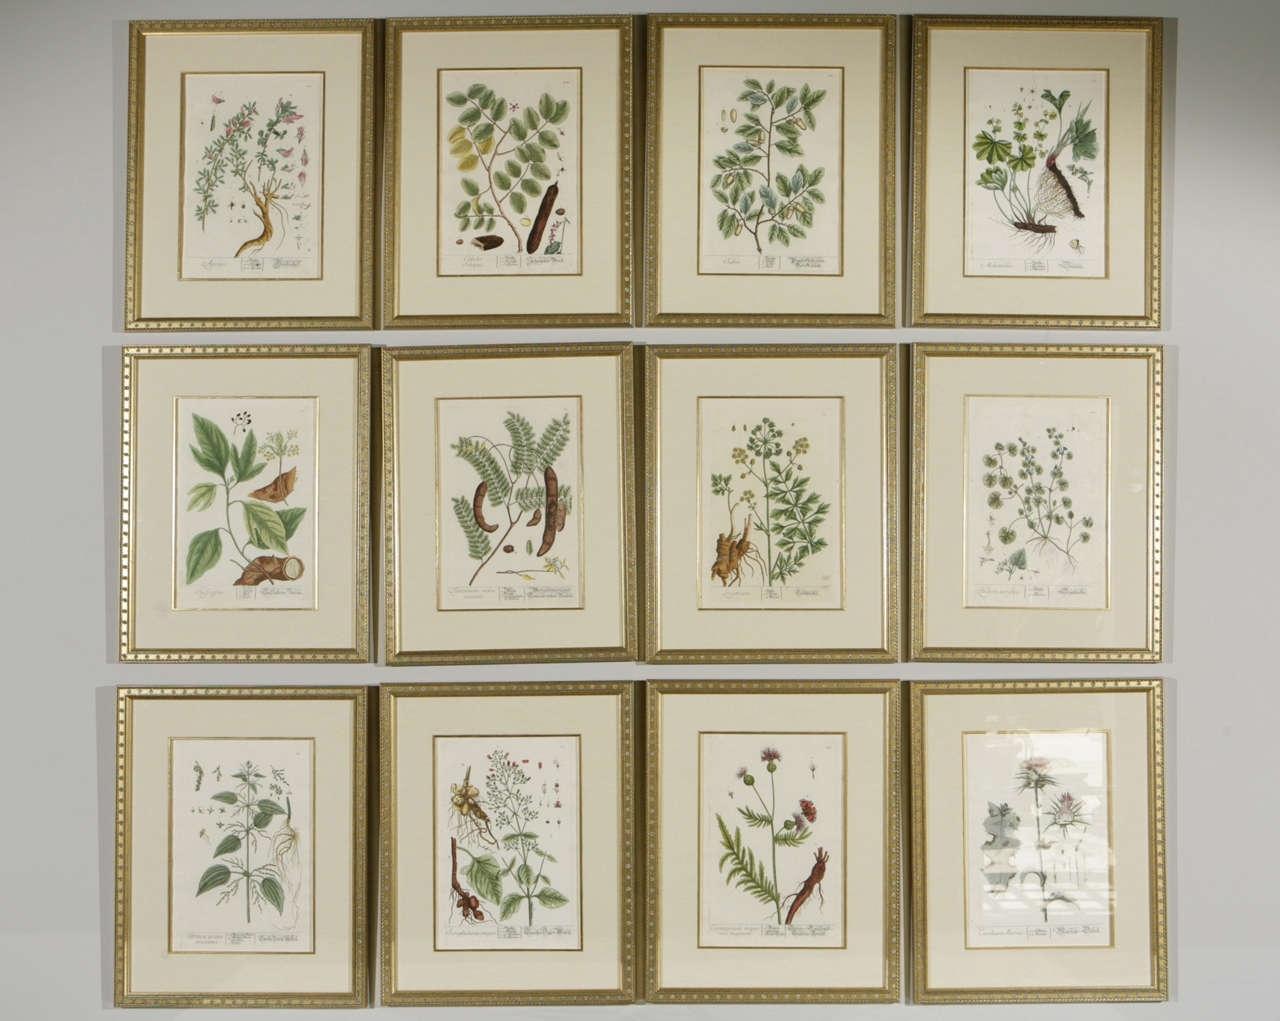 Framed Botanical Prints Sets | Sorrentos Bistro Home Throughout Most Popular Framed Art Prints Sets (View 7 of 15)